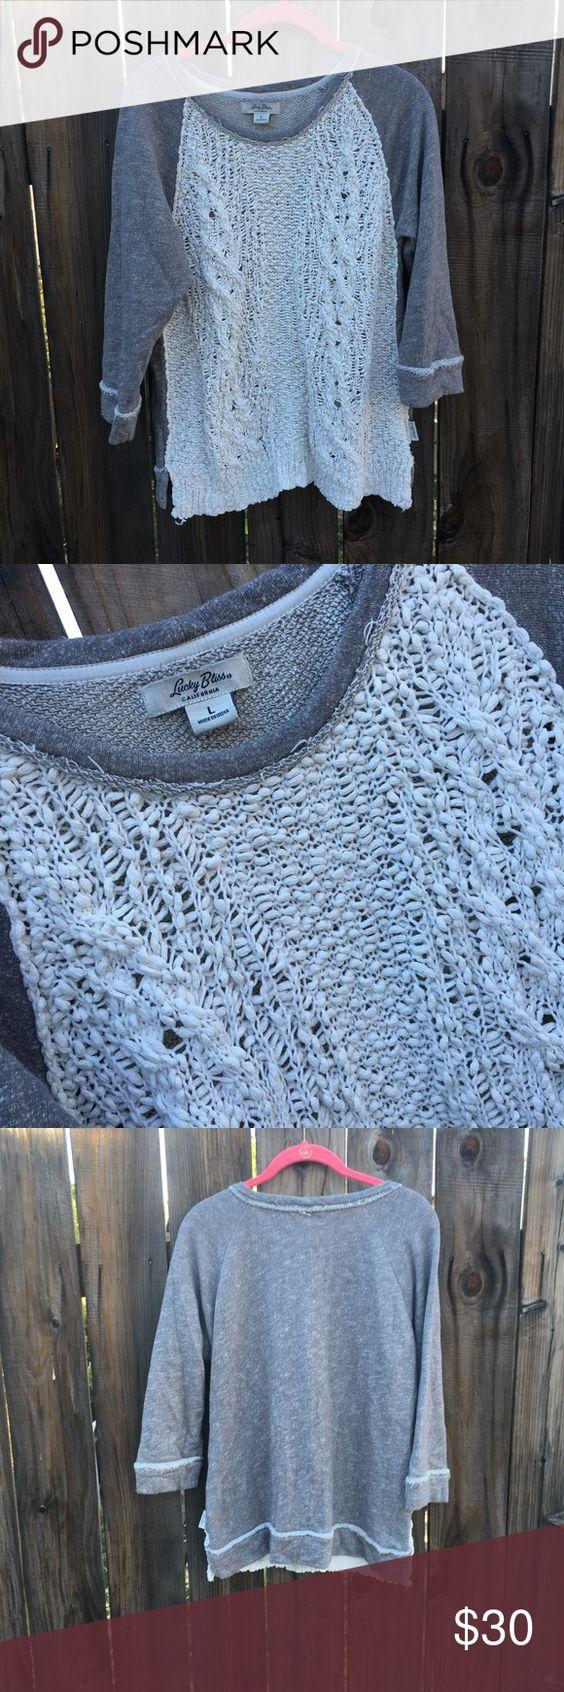 Lucky brand lucky bliss sweater Lucky brand lucky bliss sweater. Size large. EUC Lucky Brand Sweaters Crew & Scoop Necks